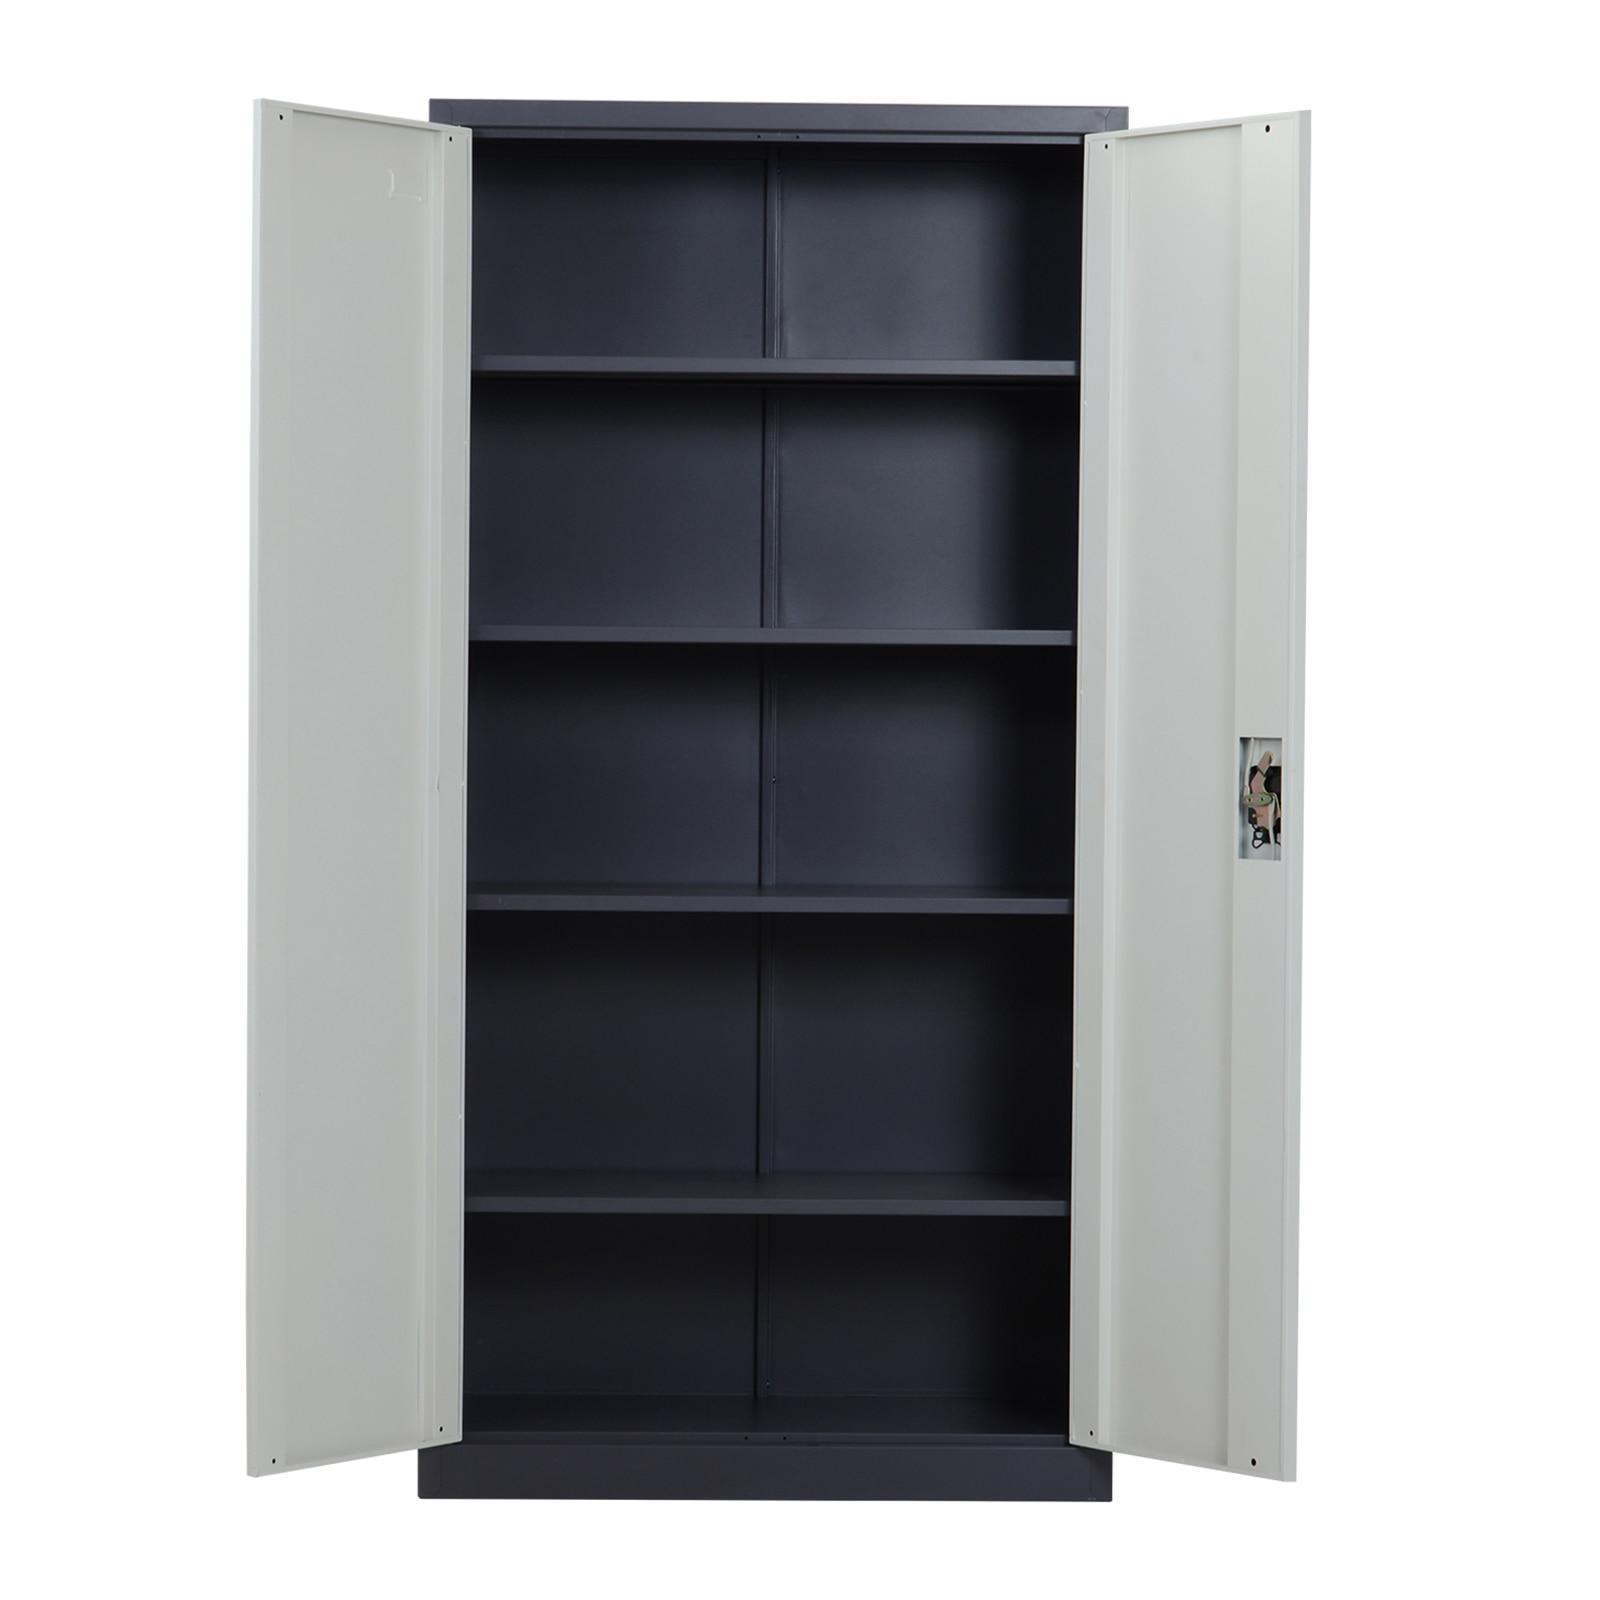 HOMCOM cabinet office warehouse workshop with lock 2 keys 5 adjustable shelves metal 90 × 40 × 180 white cm